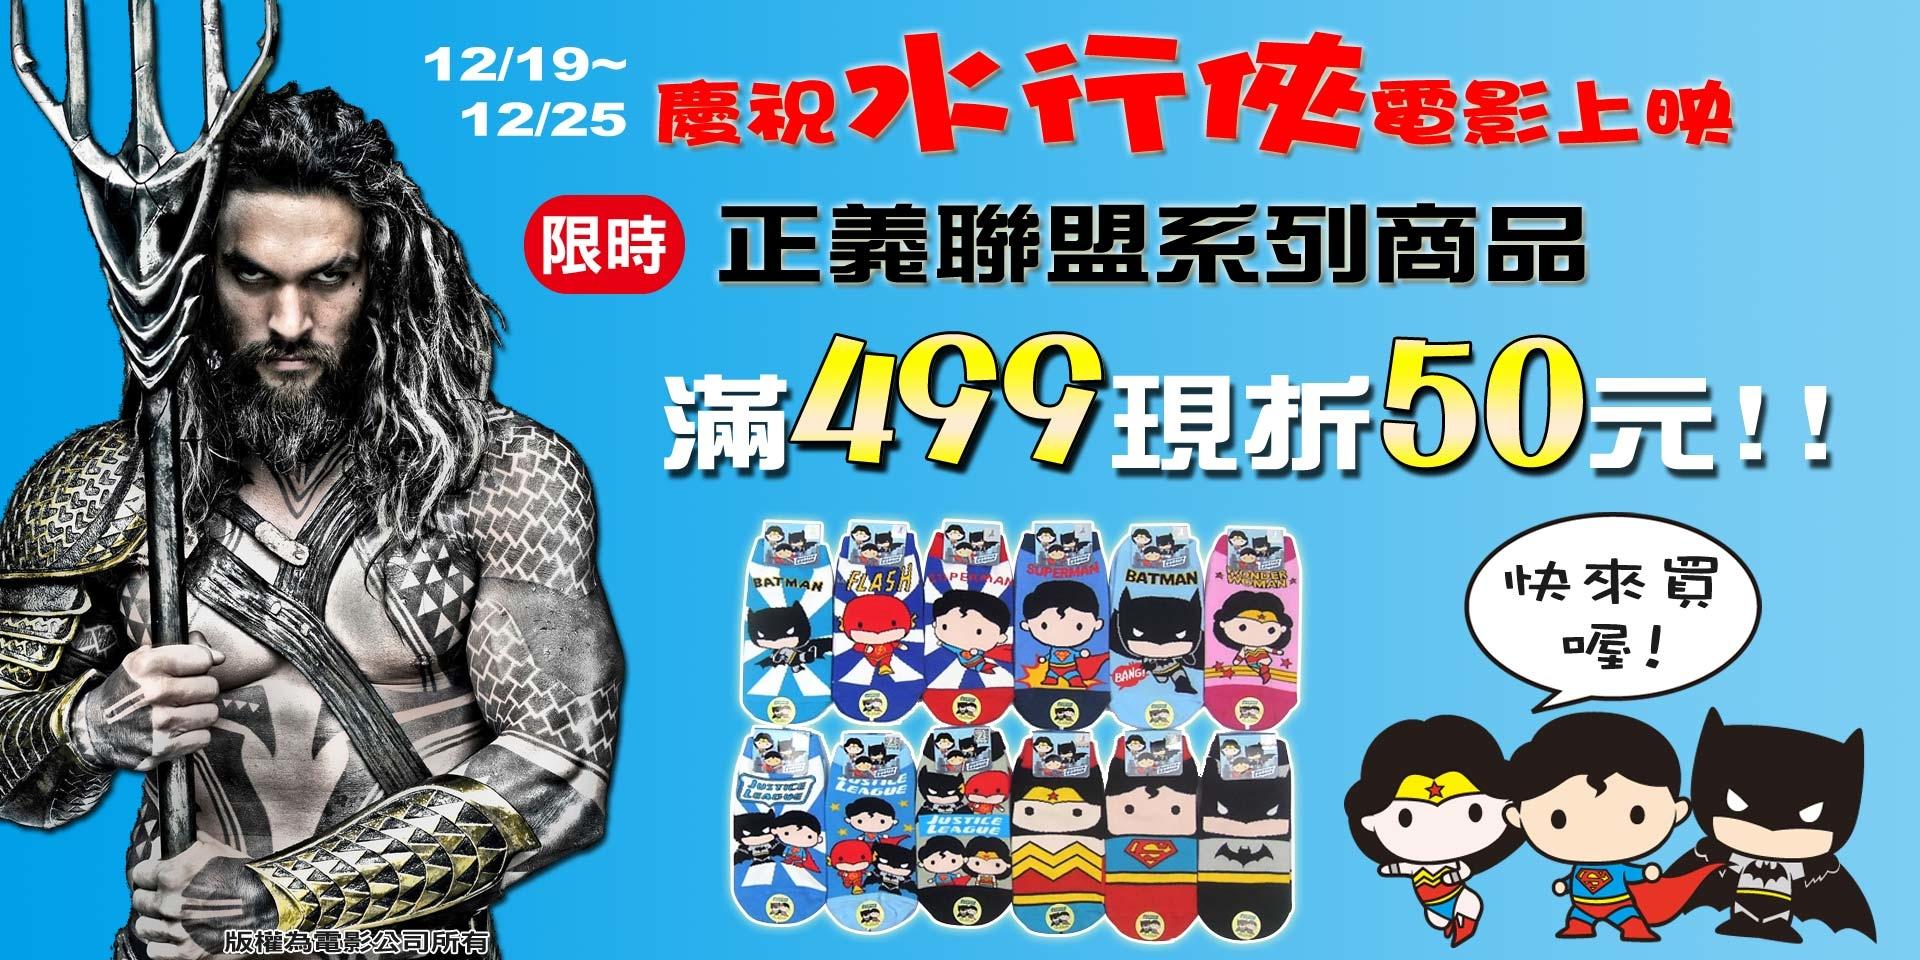 慶水行俠電影上映~正義聯盟系列商品滿499現折50元!!